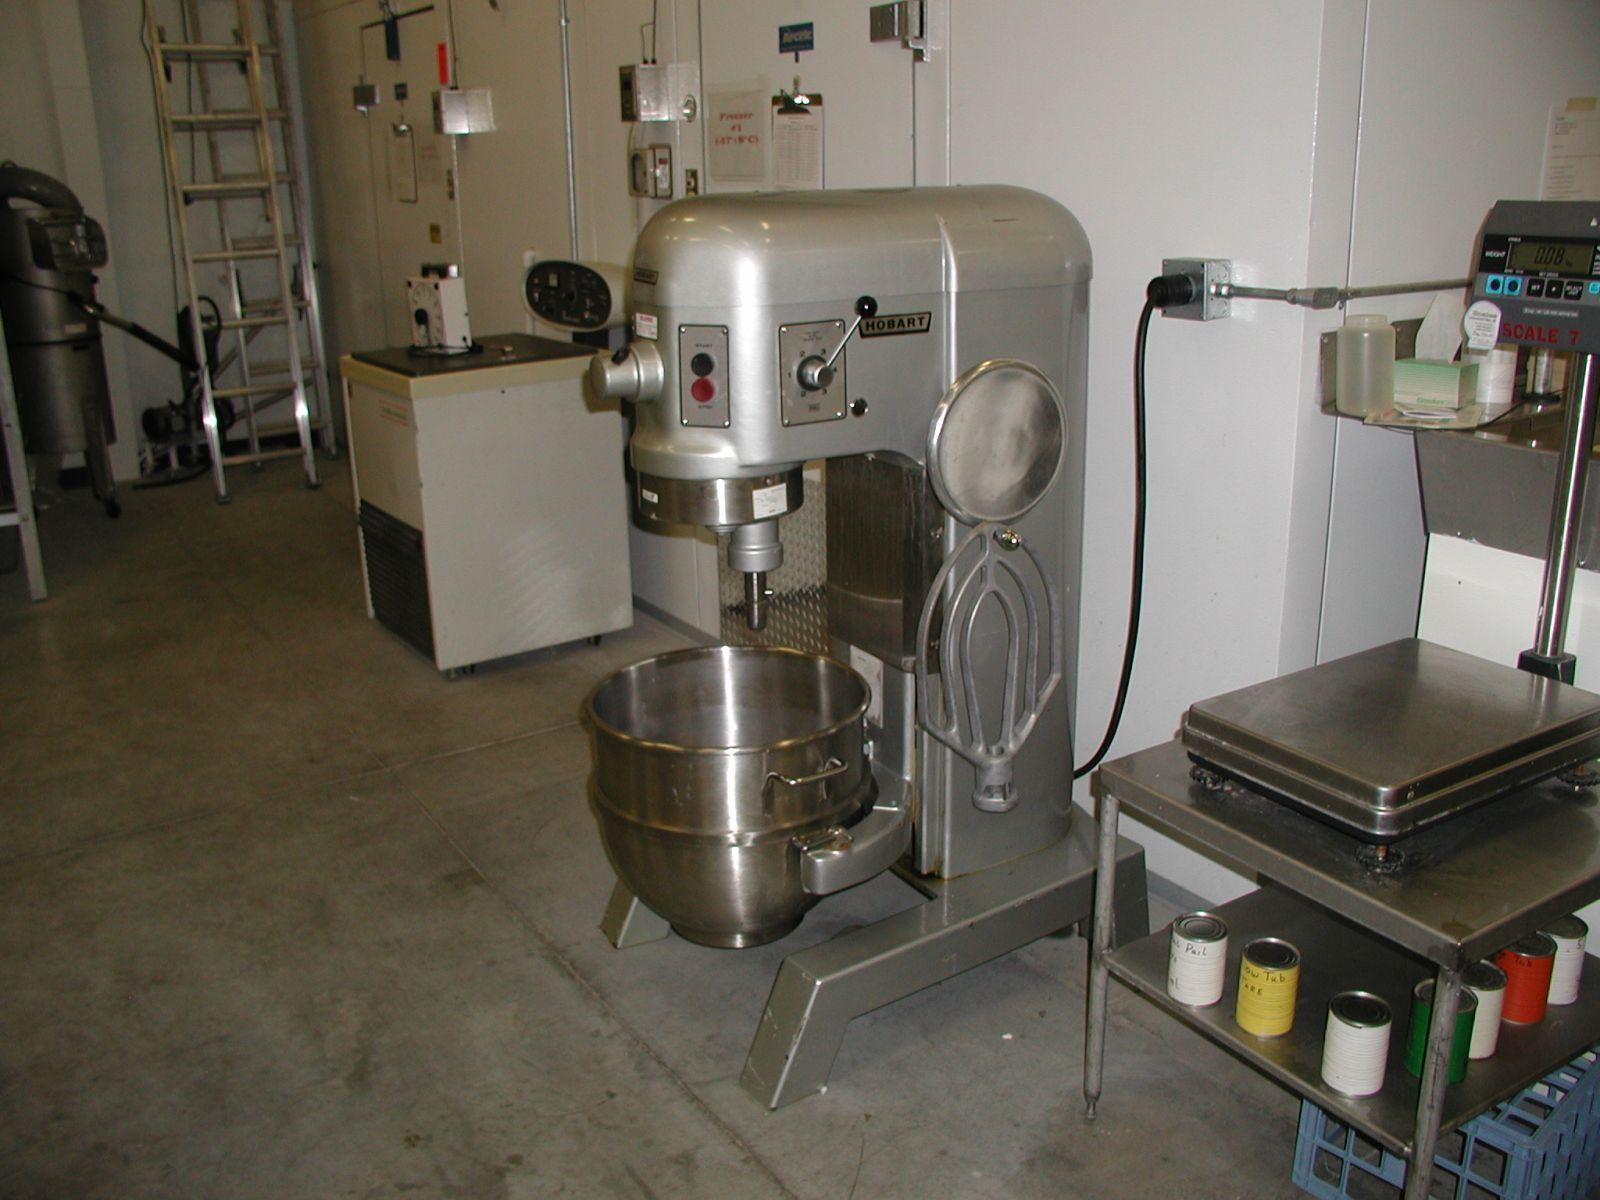 Hobart mixers kitchen gadgets pinterest for Kitchen designs hobart